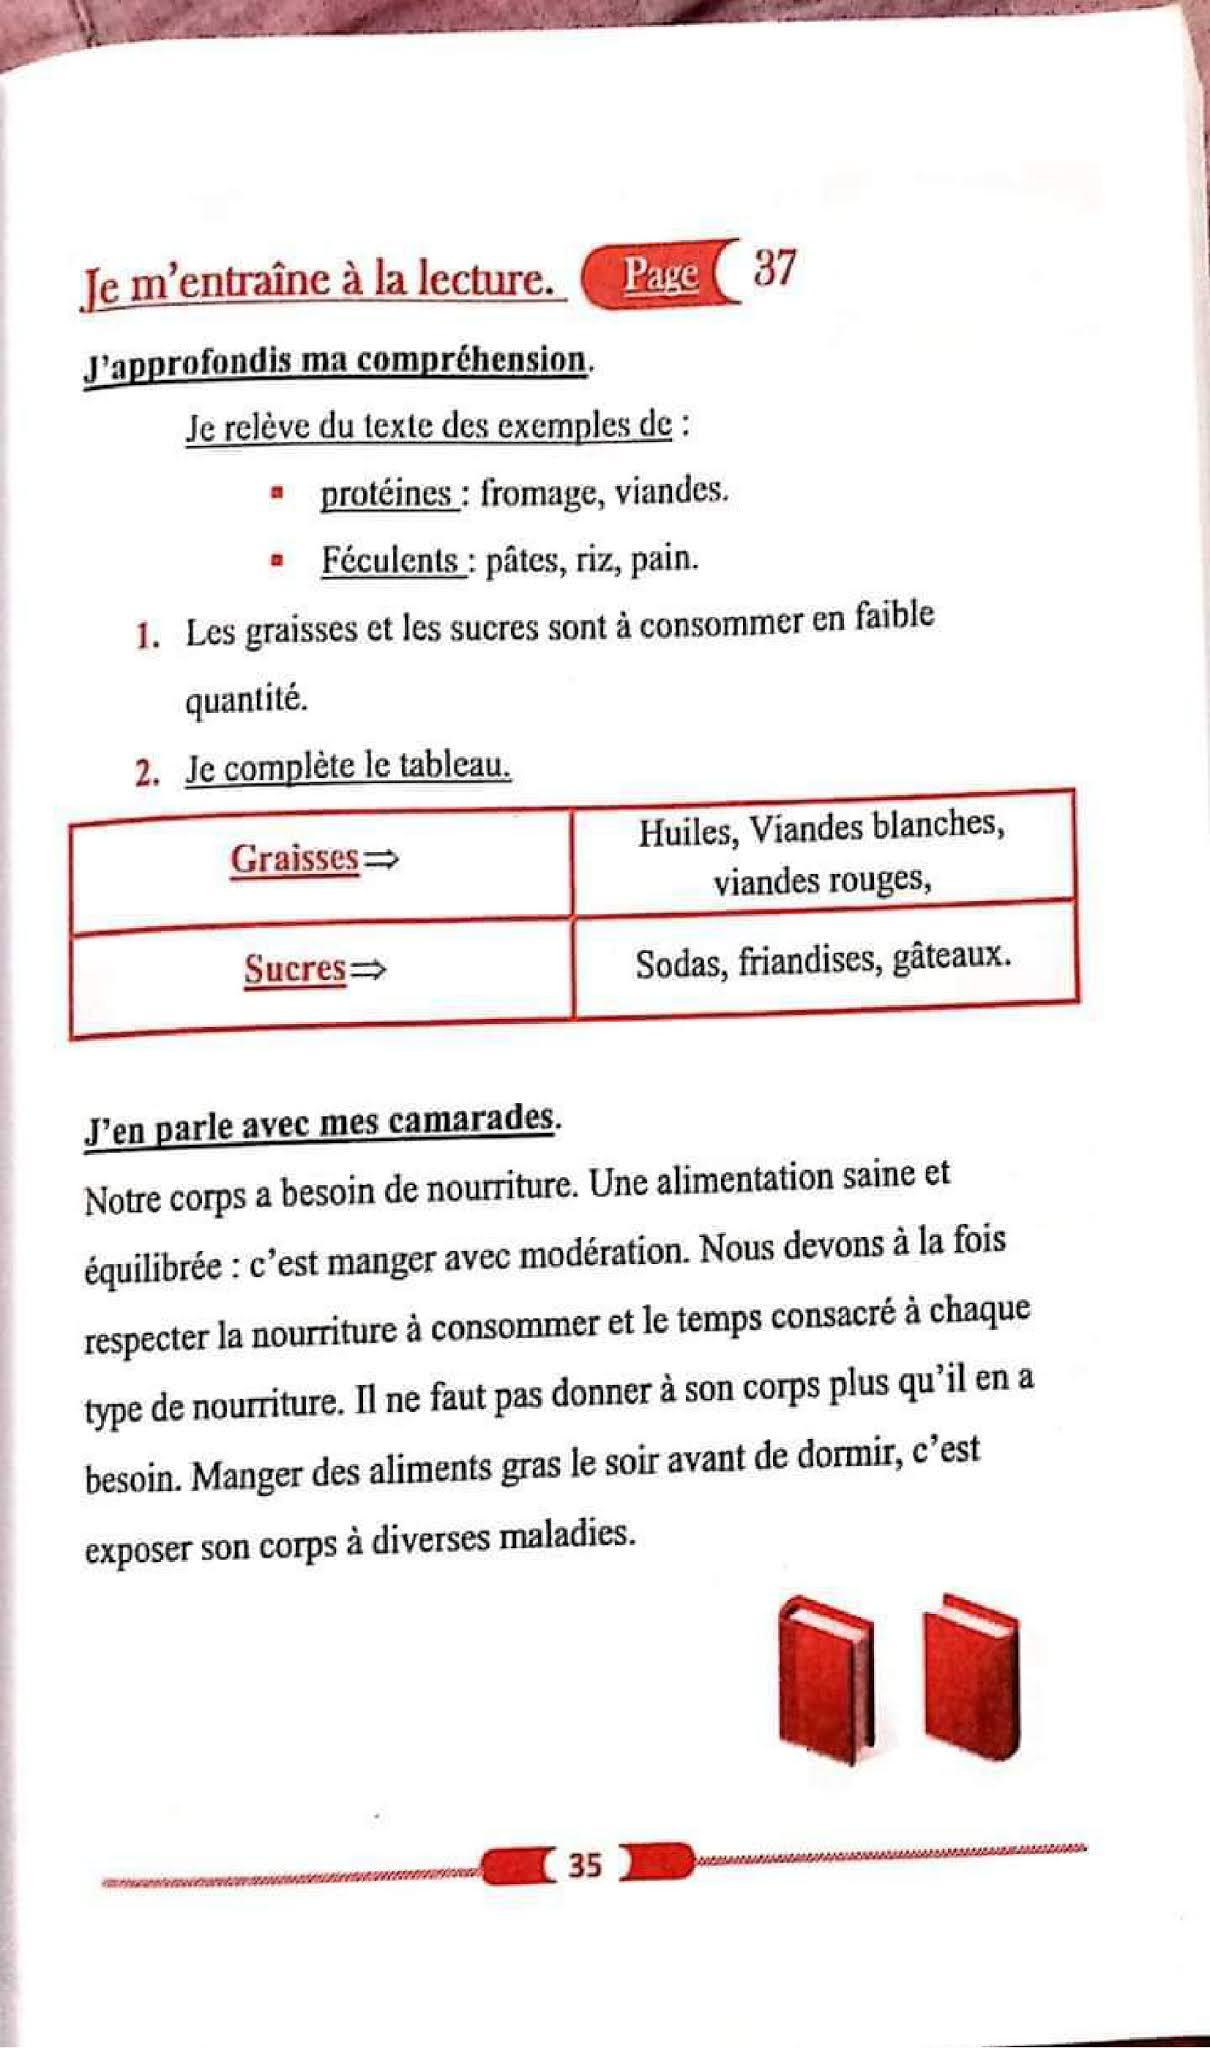 حل تمارين صفحة 37 الفرنسية 1 متوسط الجيل الثاني